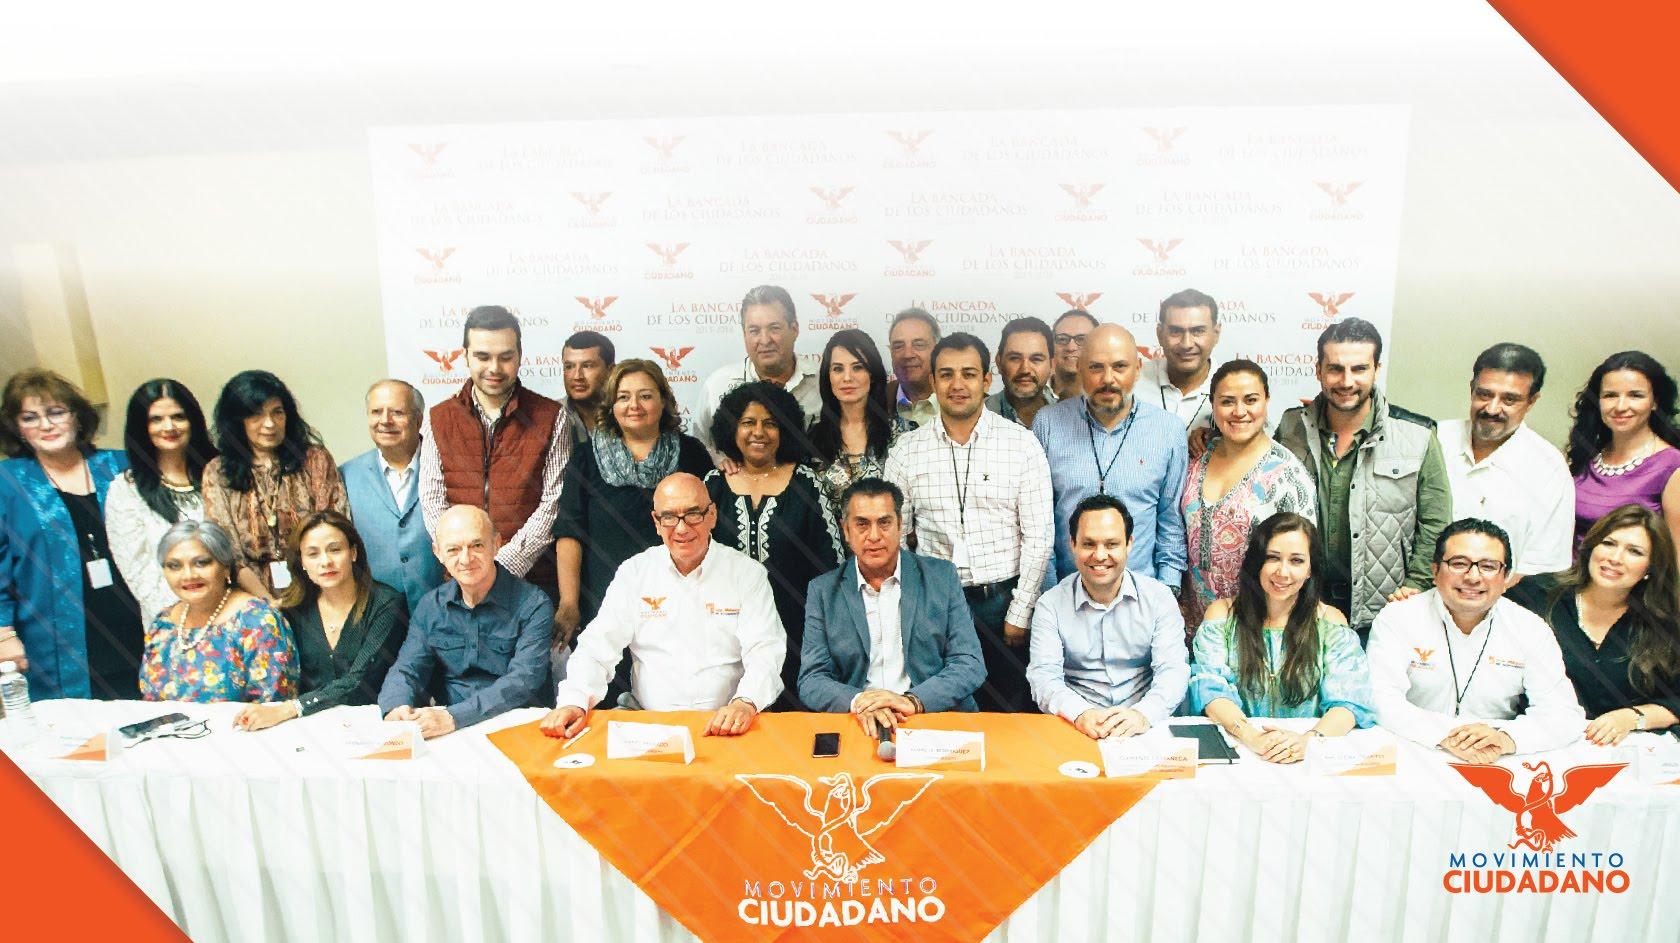 La Bancada de los ciudadanos refrenda su apoyo a los nuevo leoneses - Movimiento Ciudadano